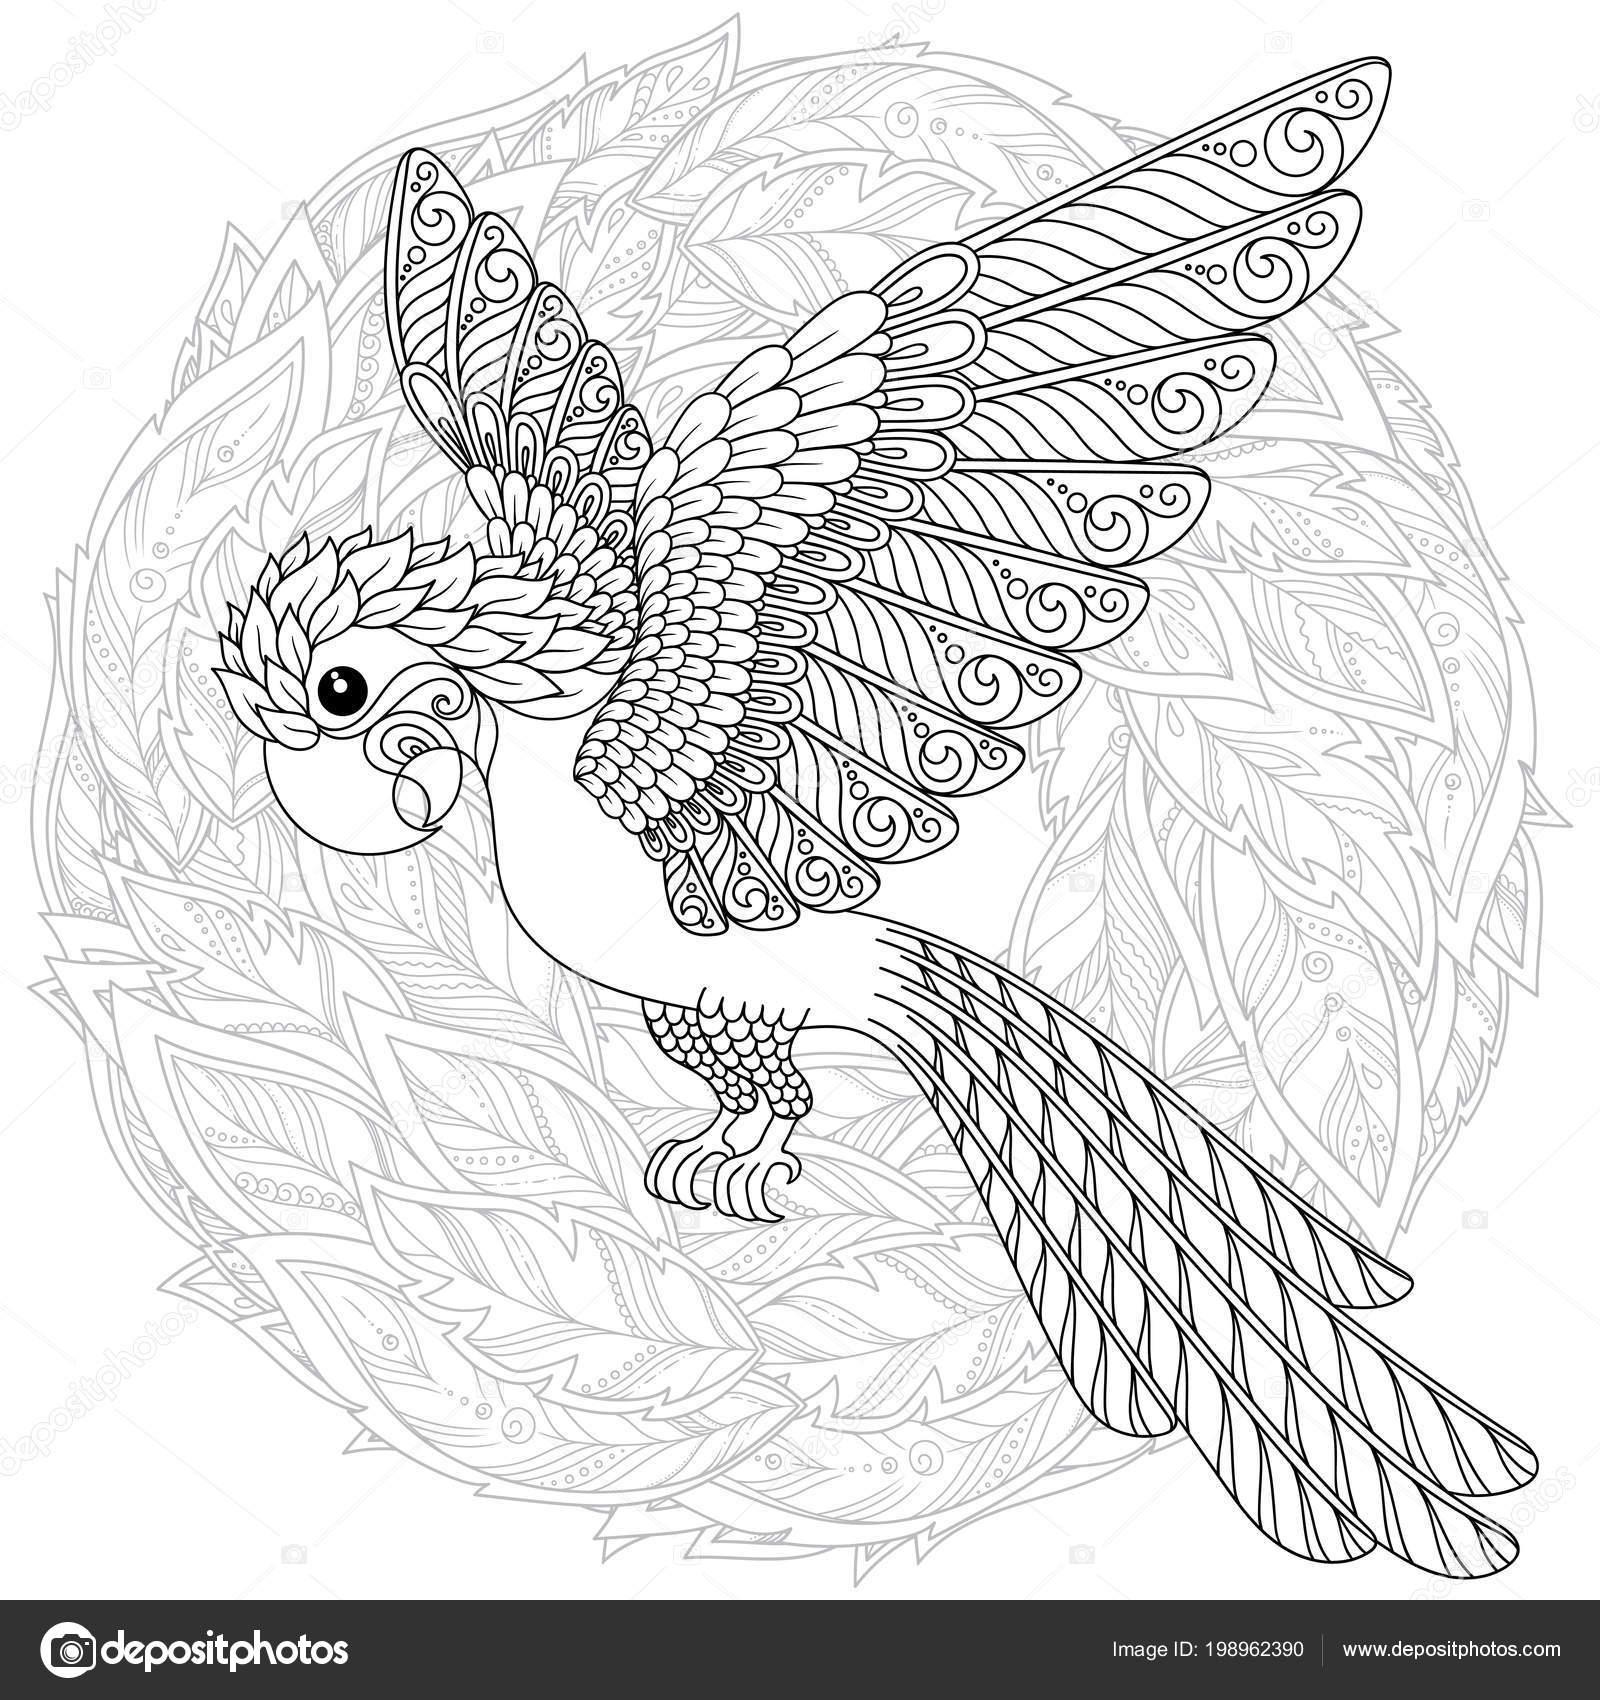 Kleurplaten Over Vogels.Papegaai Tropische Vogel Vectorillustratie Kleurboek Voor